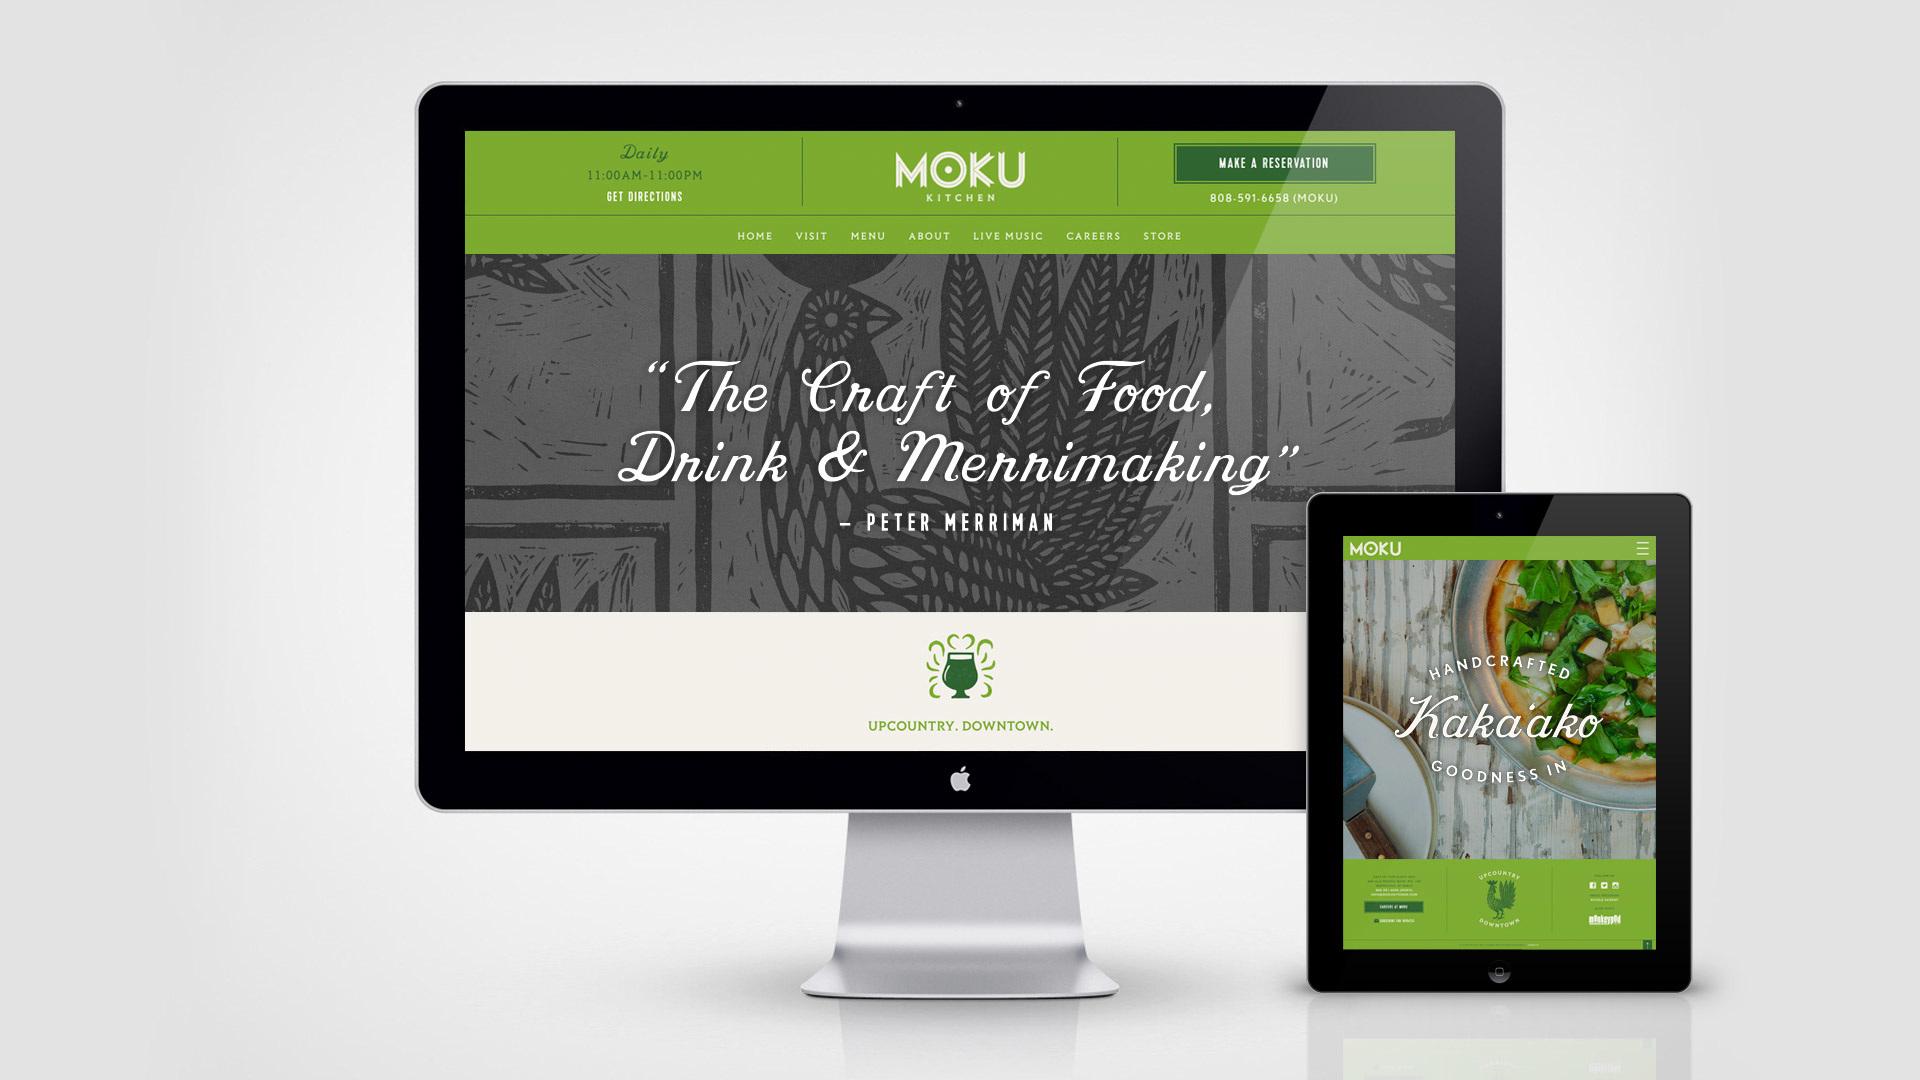 Moku Kitchen Menu moku kitchen - scott naauao